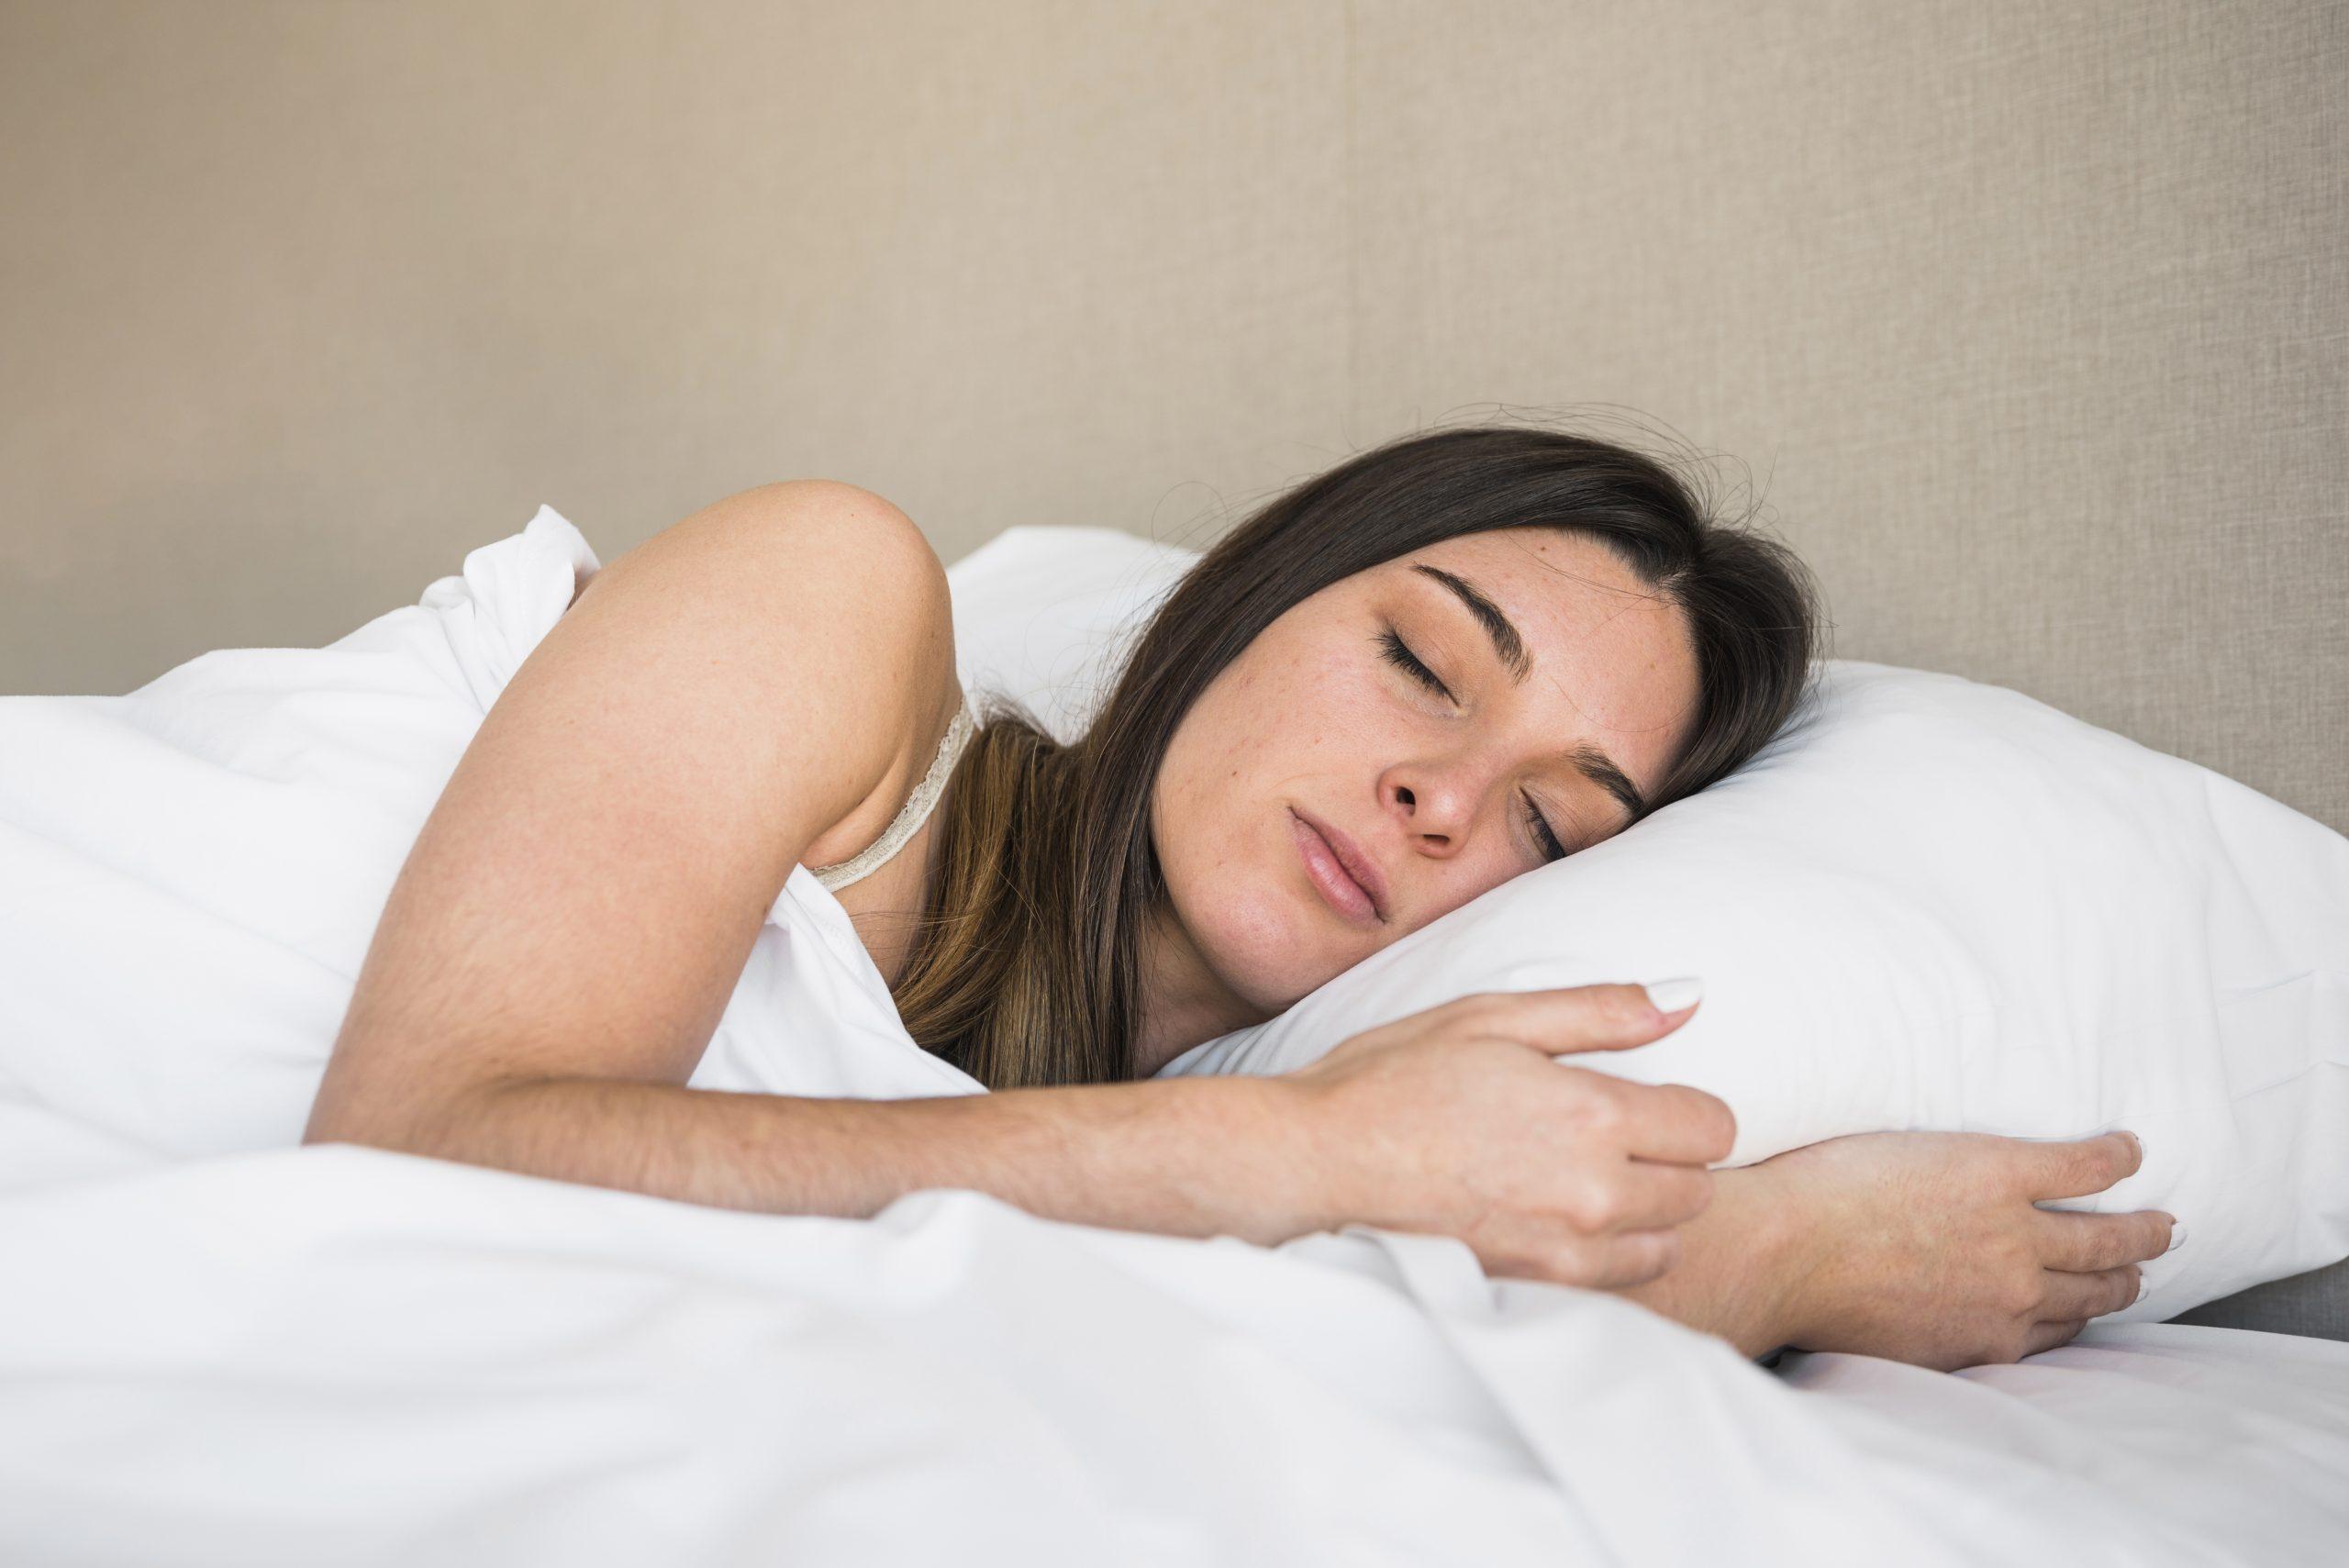 dormir de lado después de un aumento de pecho